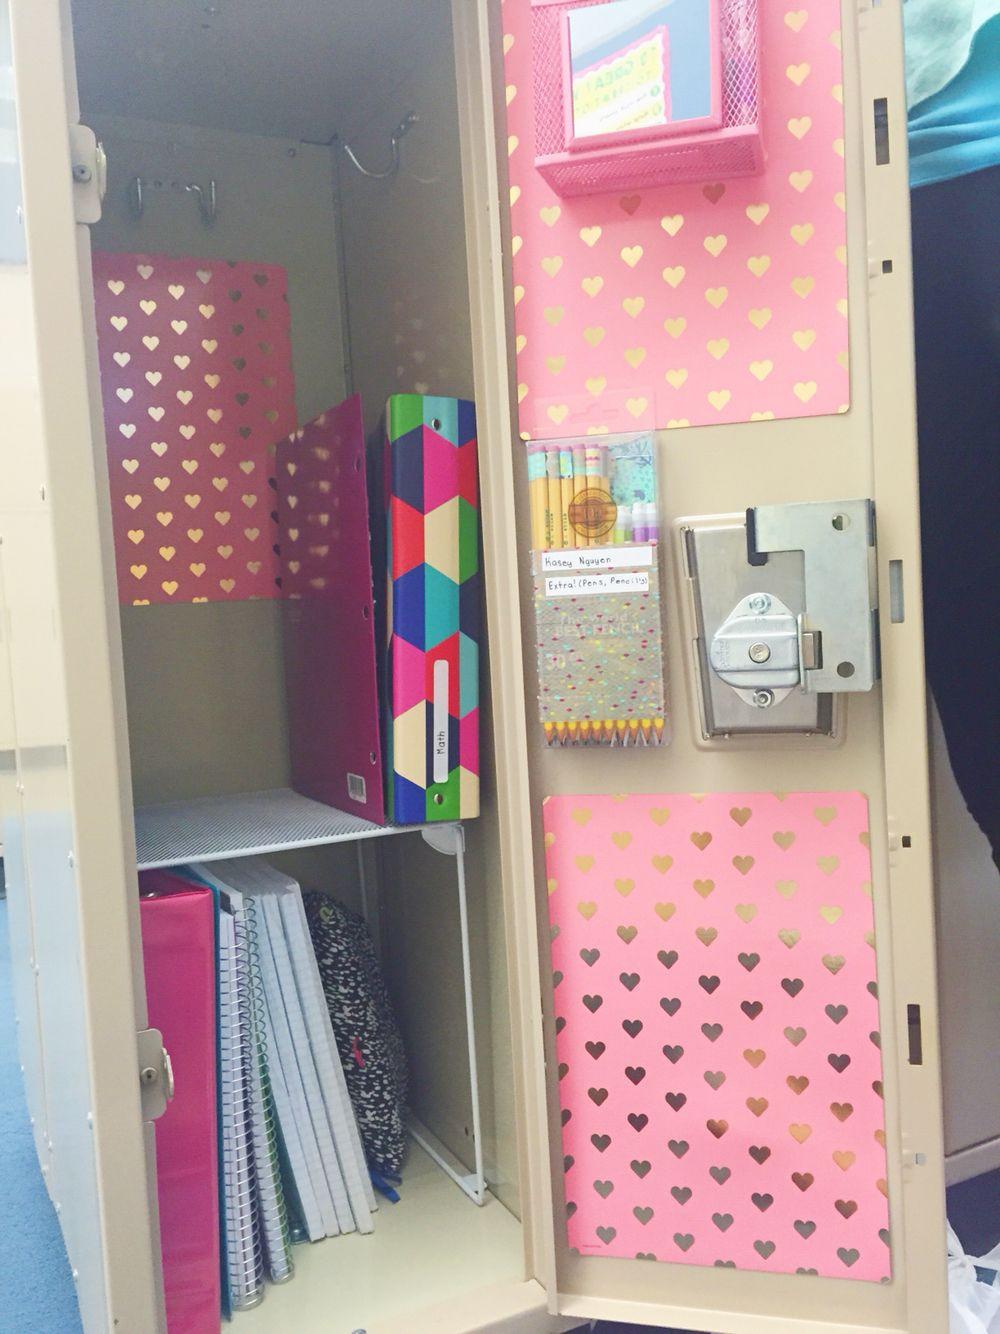 Locker organizer Target Lovely Locker Idea Wallpaper Tar Locker Shelf Tar Mesh Bin